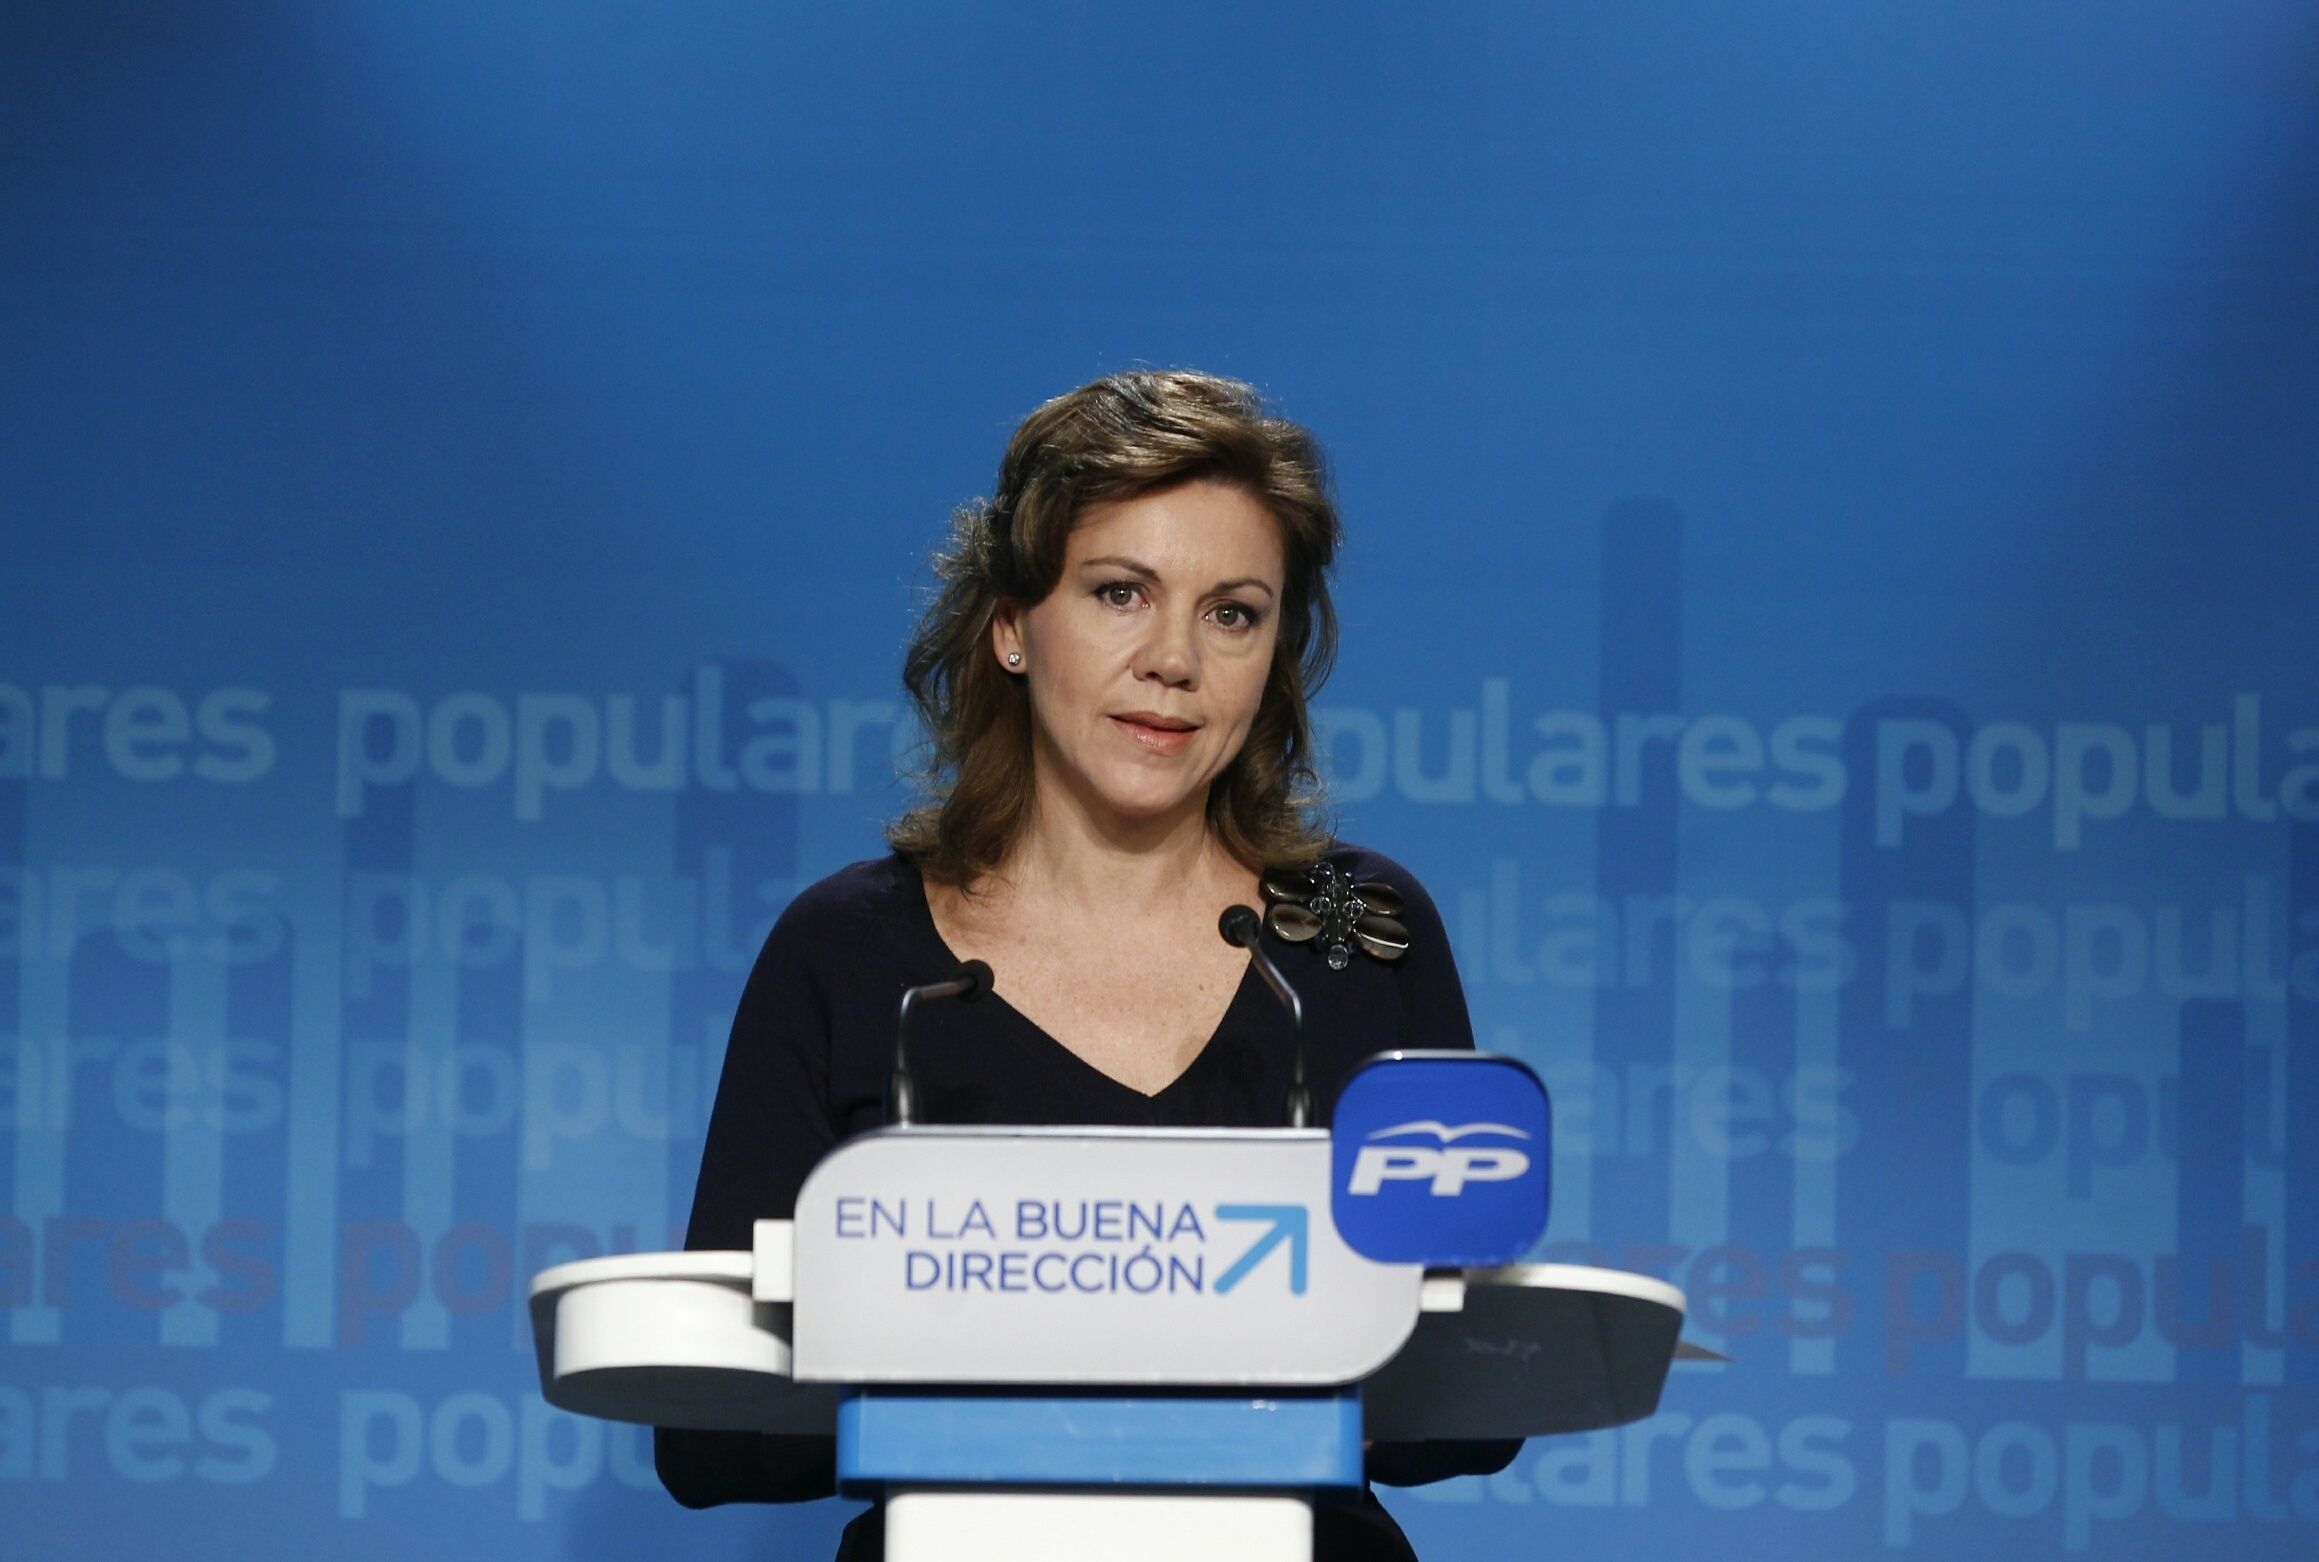 De Cospedal ve «bastante improbable» que este fin de semana se anuncie el candidato del PP a las europeas